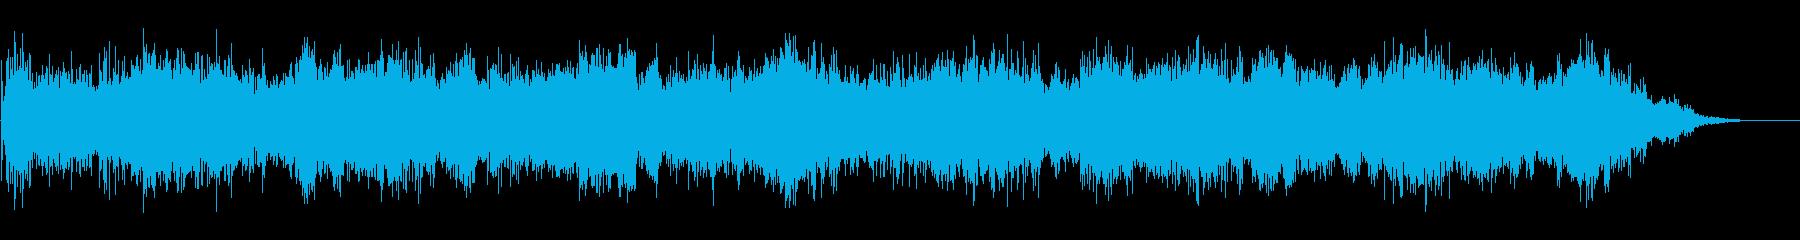 ノイジーで不気味な背景音(ホラーなどに)の再生済みの波形